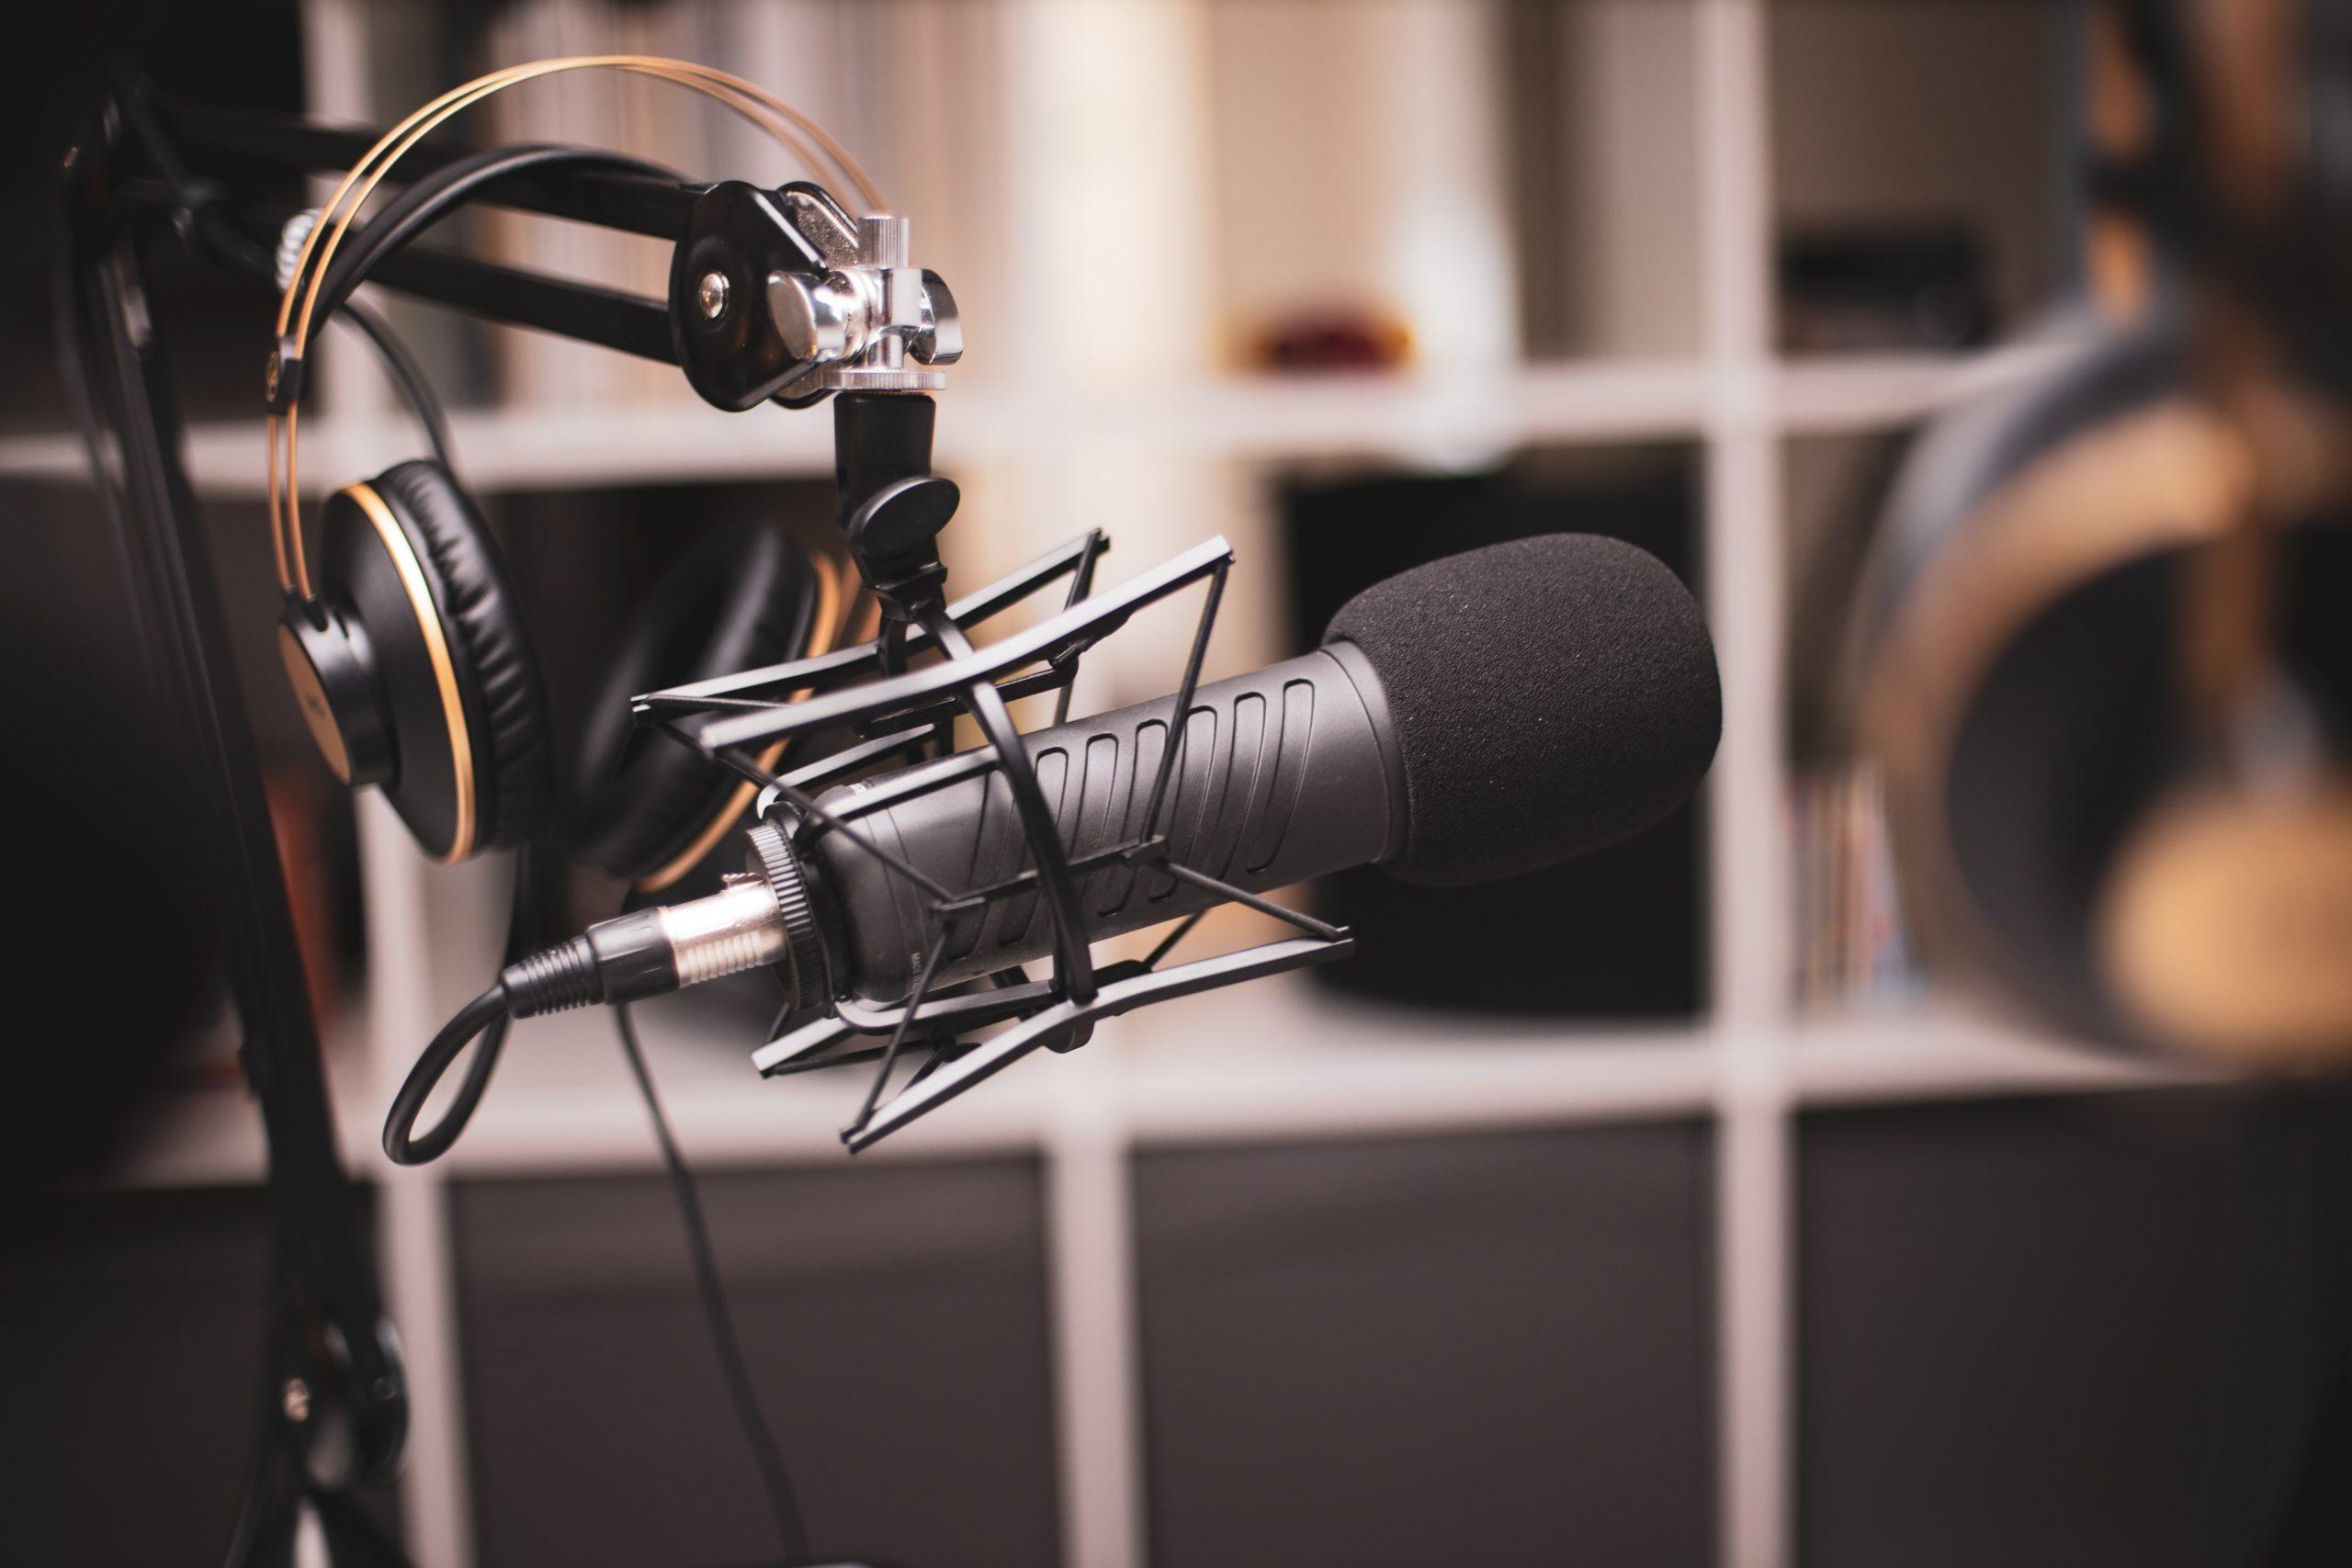 Microfone condensador cinza em um estúdio de gravação com headset ao fundo